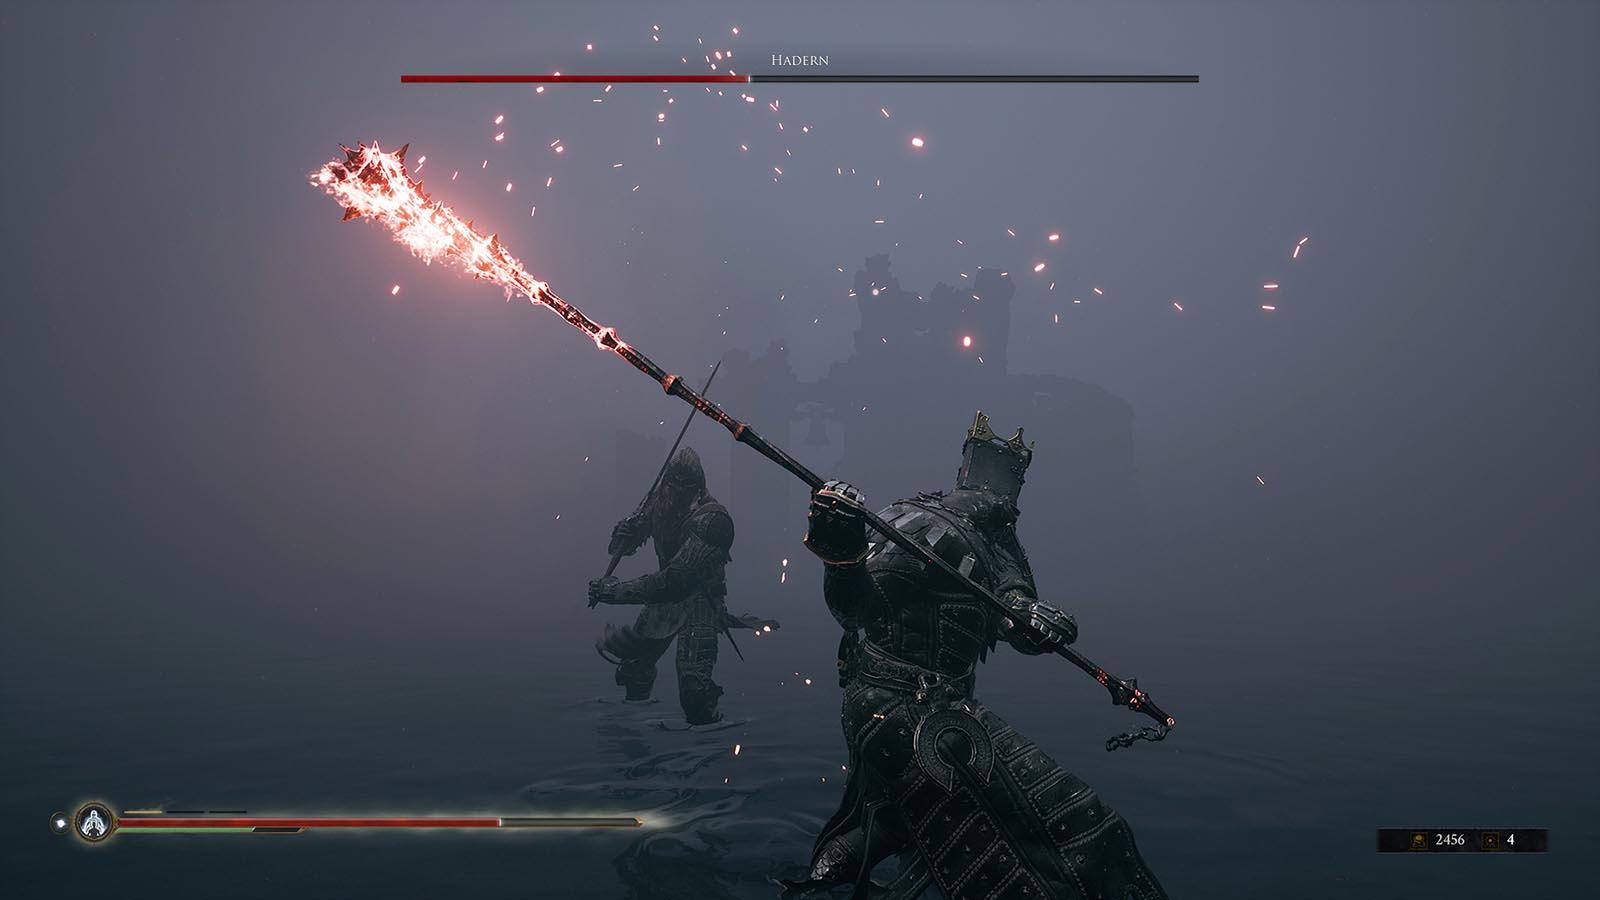 """มาซักที! Mortal Shell เกมแนว RPG สไตล์ Souls-Like เปิดให้ทดลองเล่น """"ฟรี"""" แล้ววันนี้ : playulti.com"""